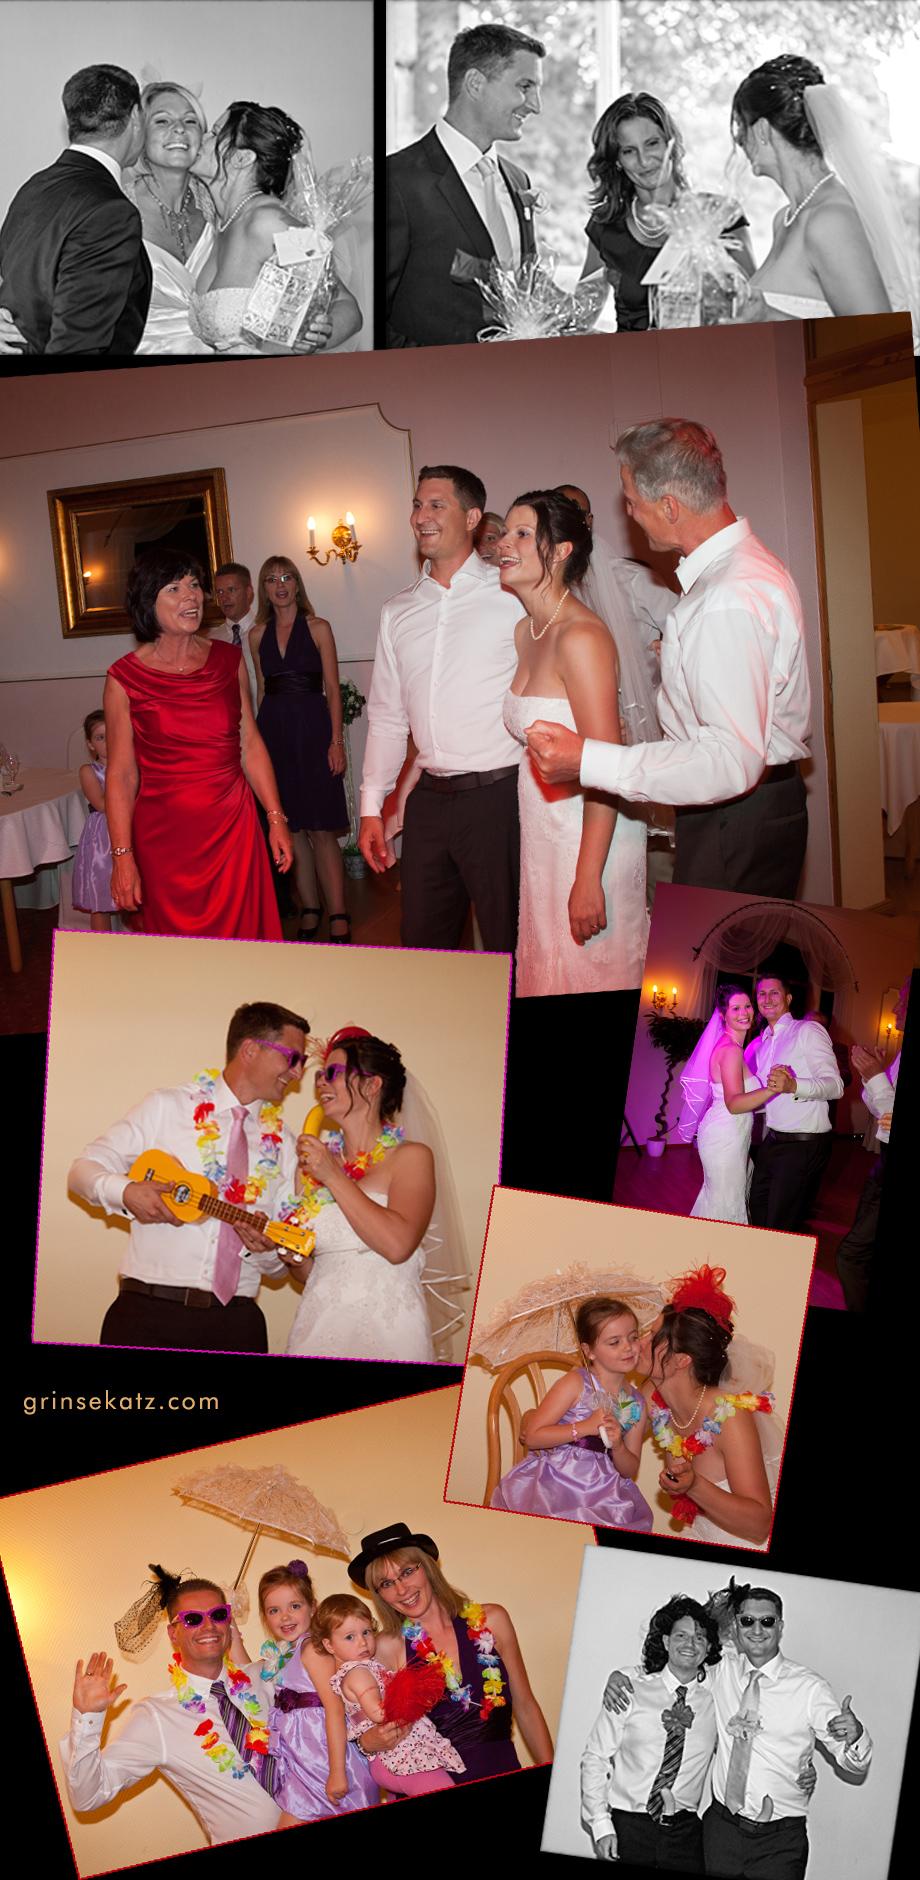 hochzeit-wedding-photobooth-reportage-berlin